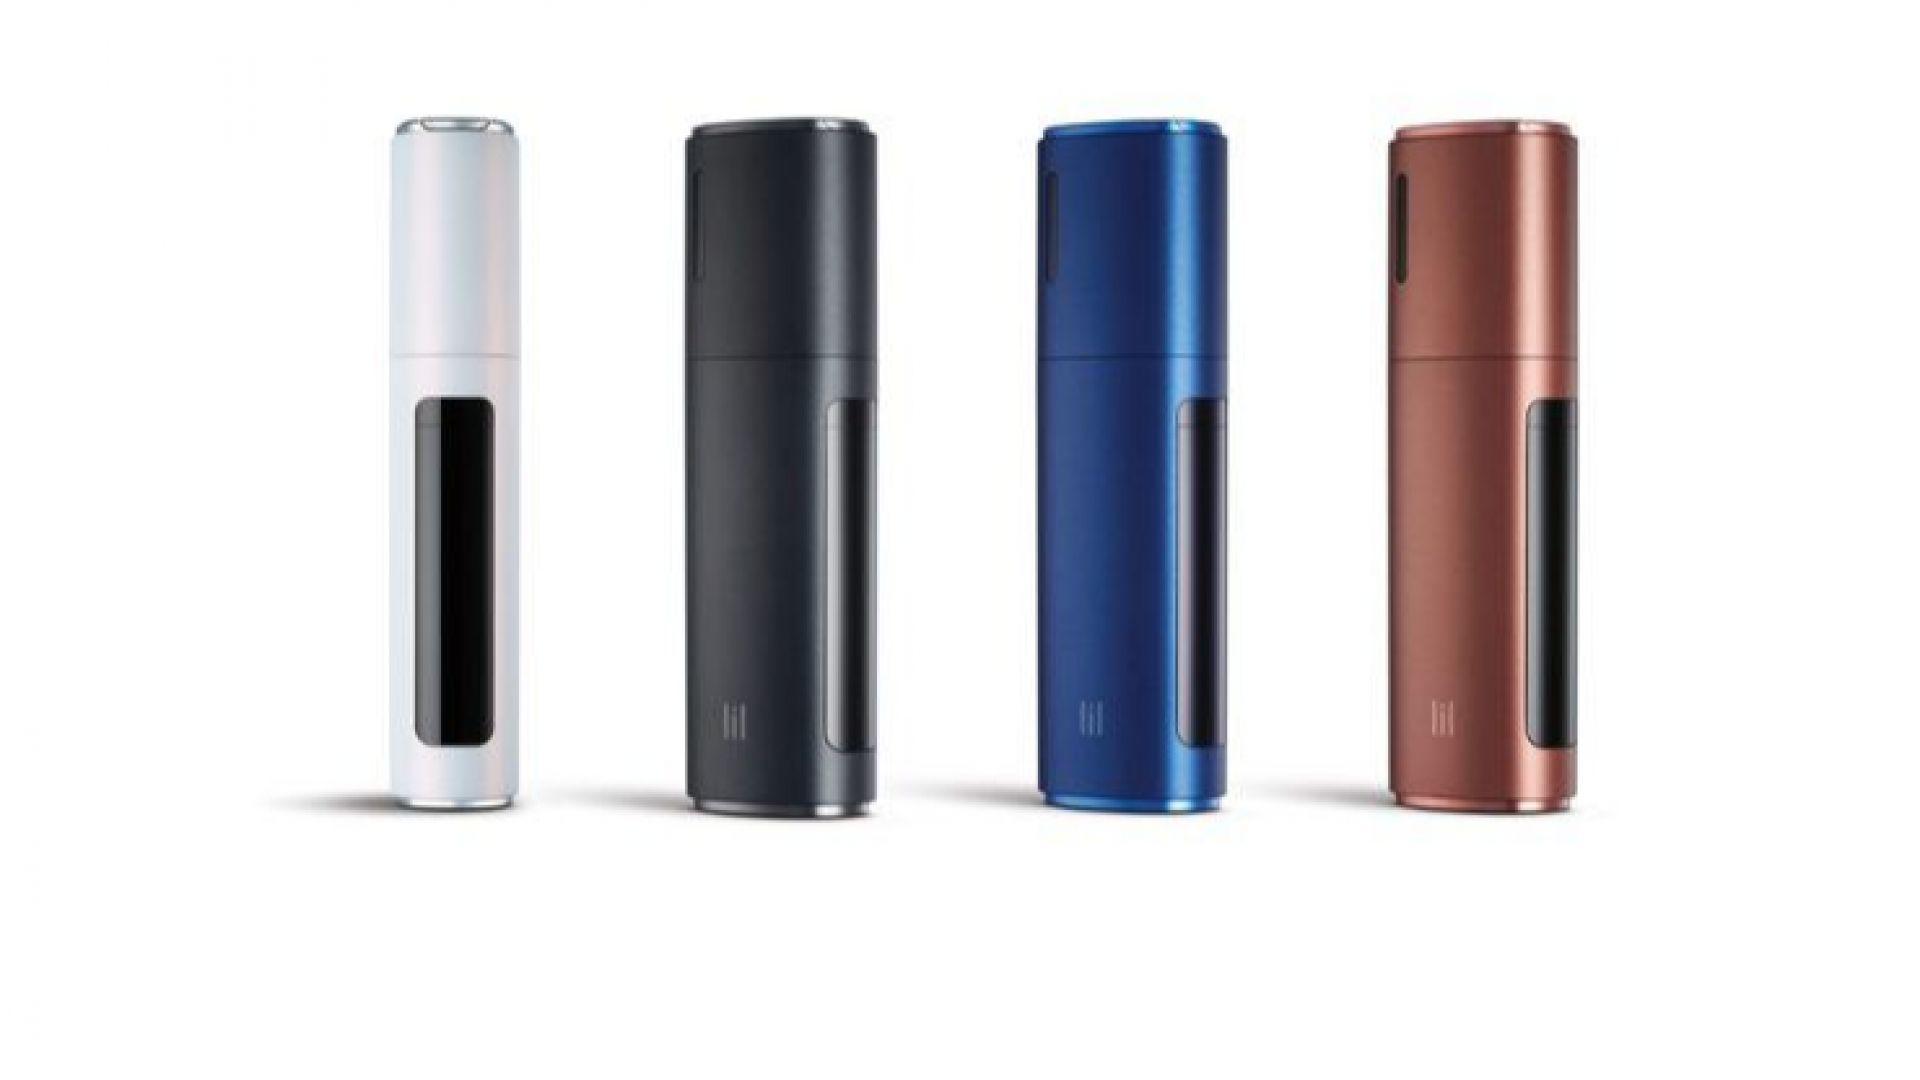 Нови бездимни алтернативи за пушачите влизат на 180 пазара